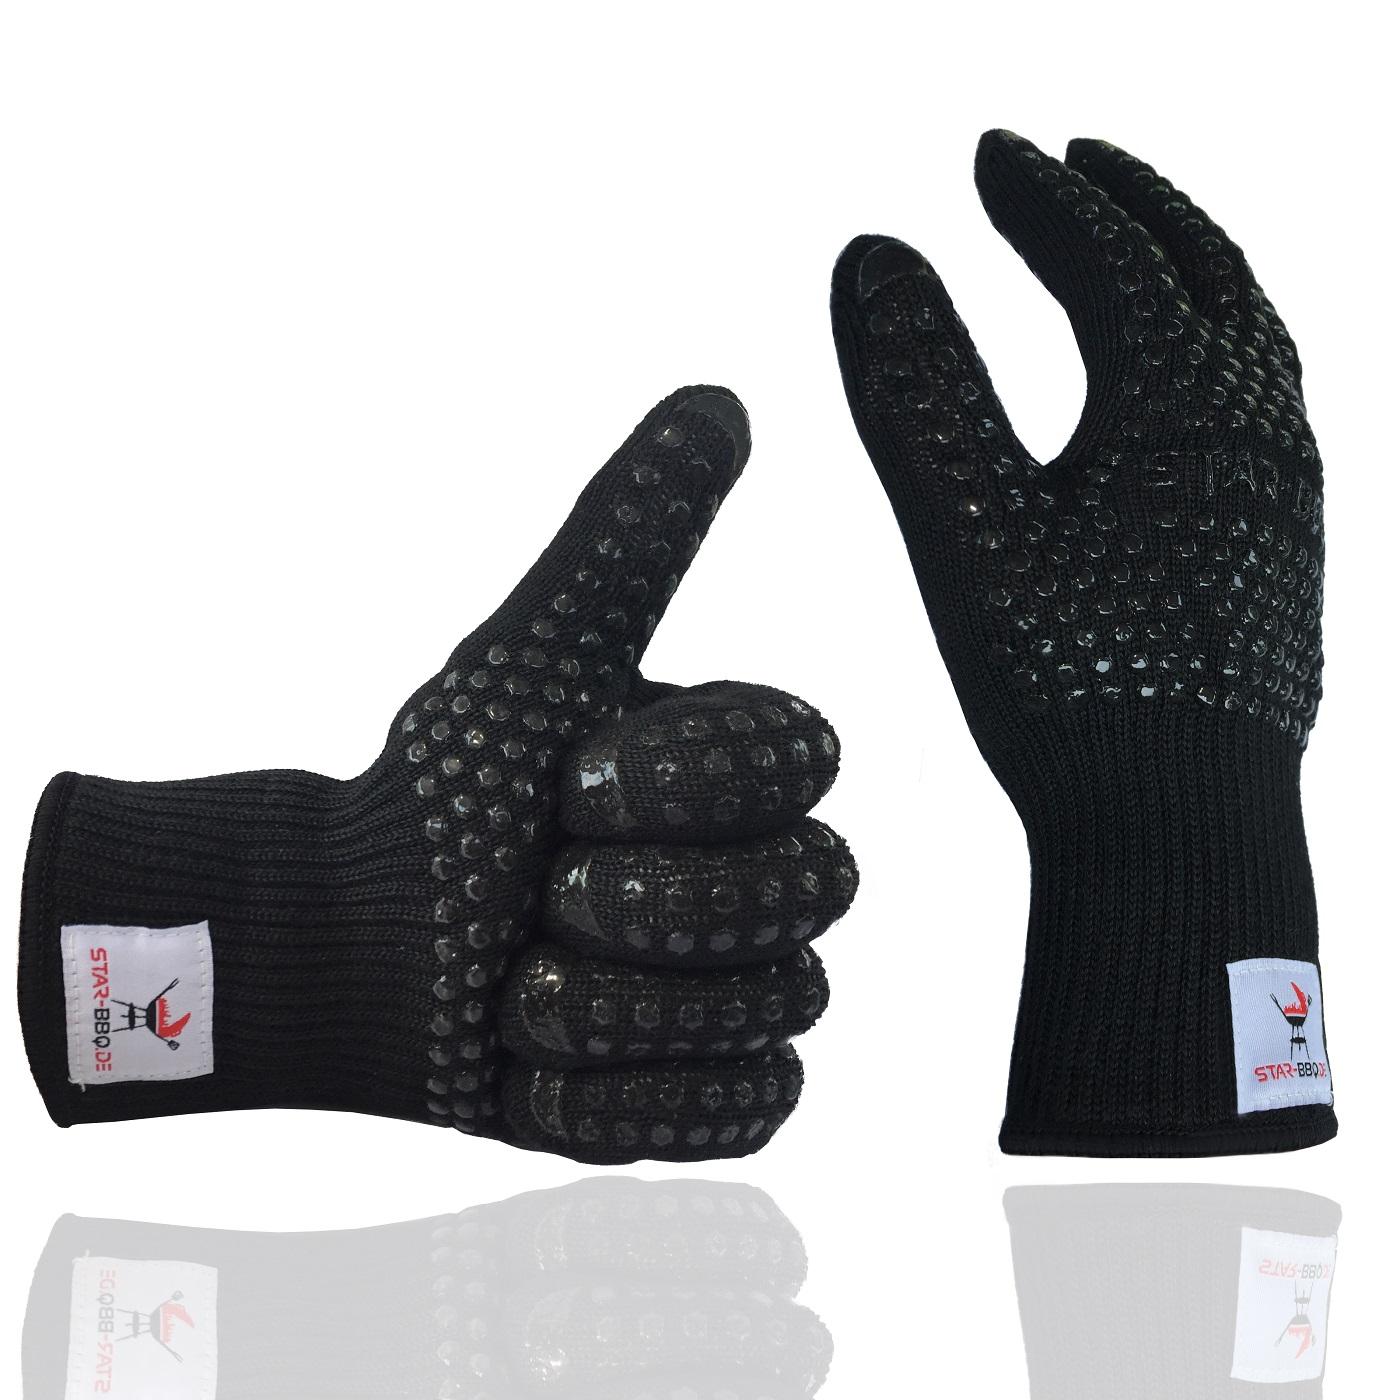 Küchenhandschuhe Profi ~ grillhandschuhe kochhandschuhe hitzebeständig von star bbq in schwarz ebay